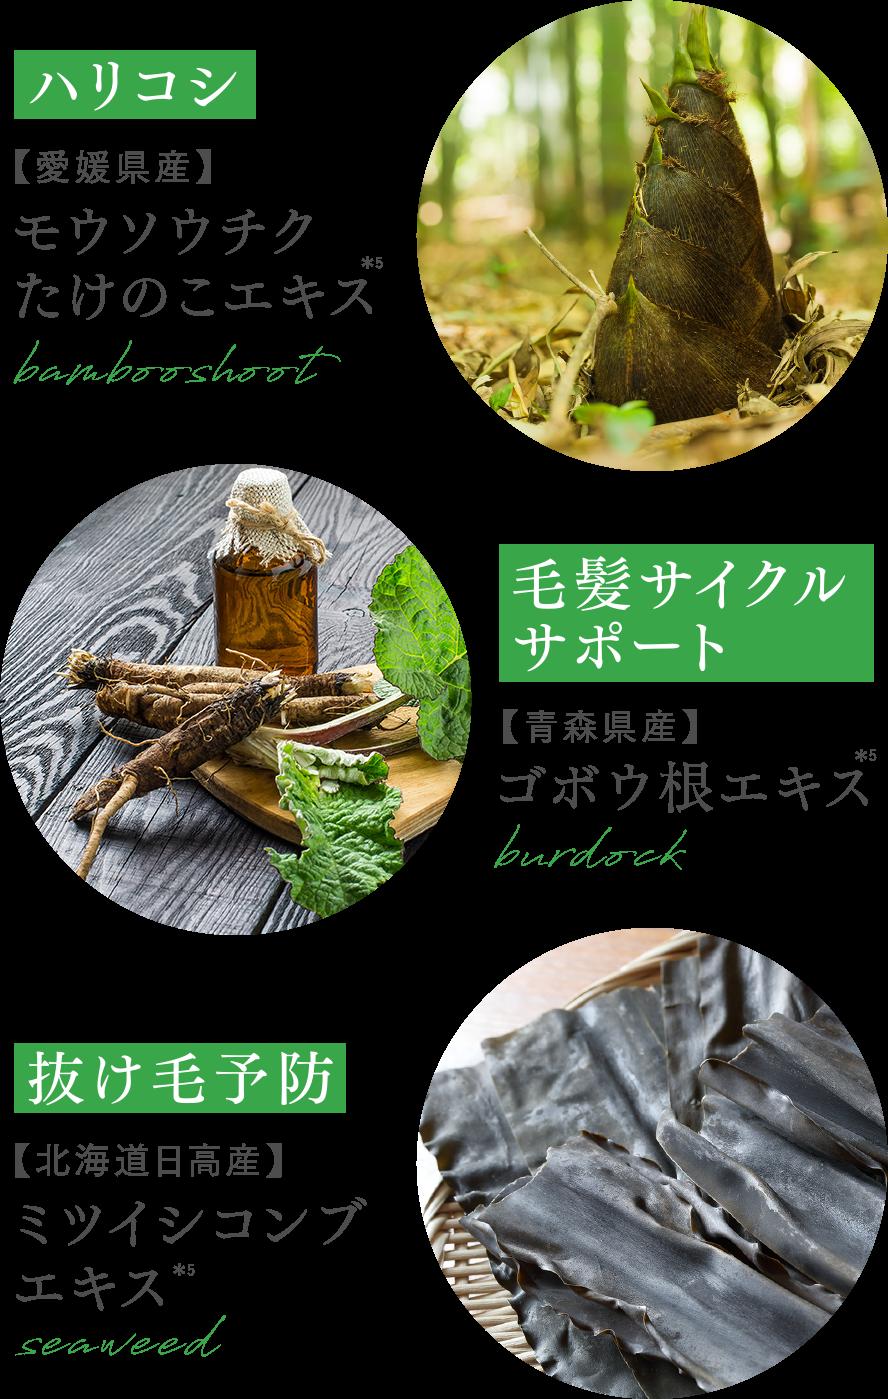 効果のある植物3種の画像